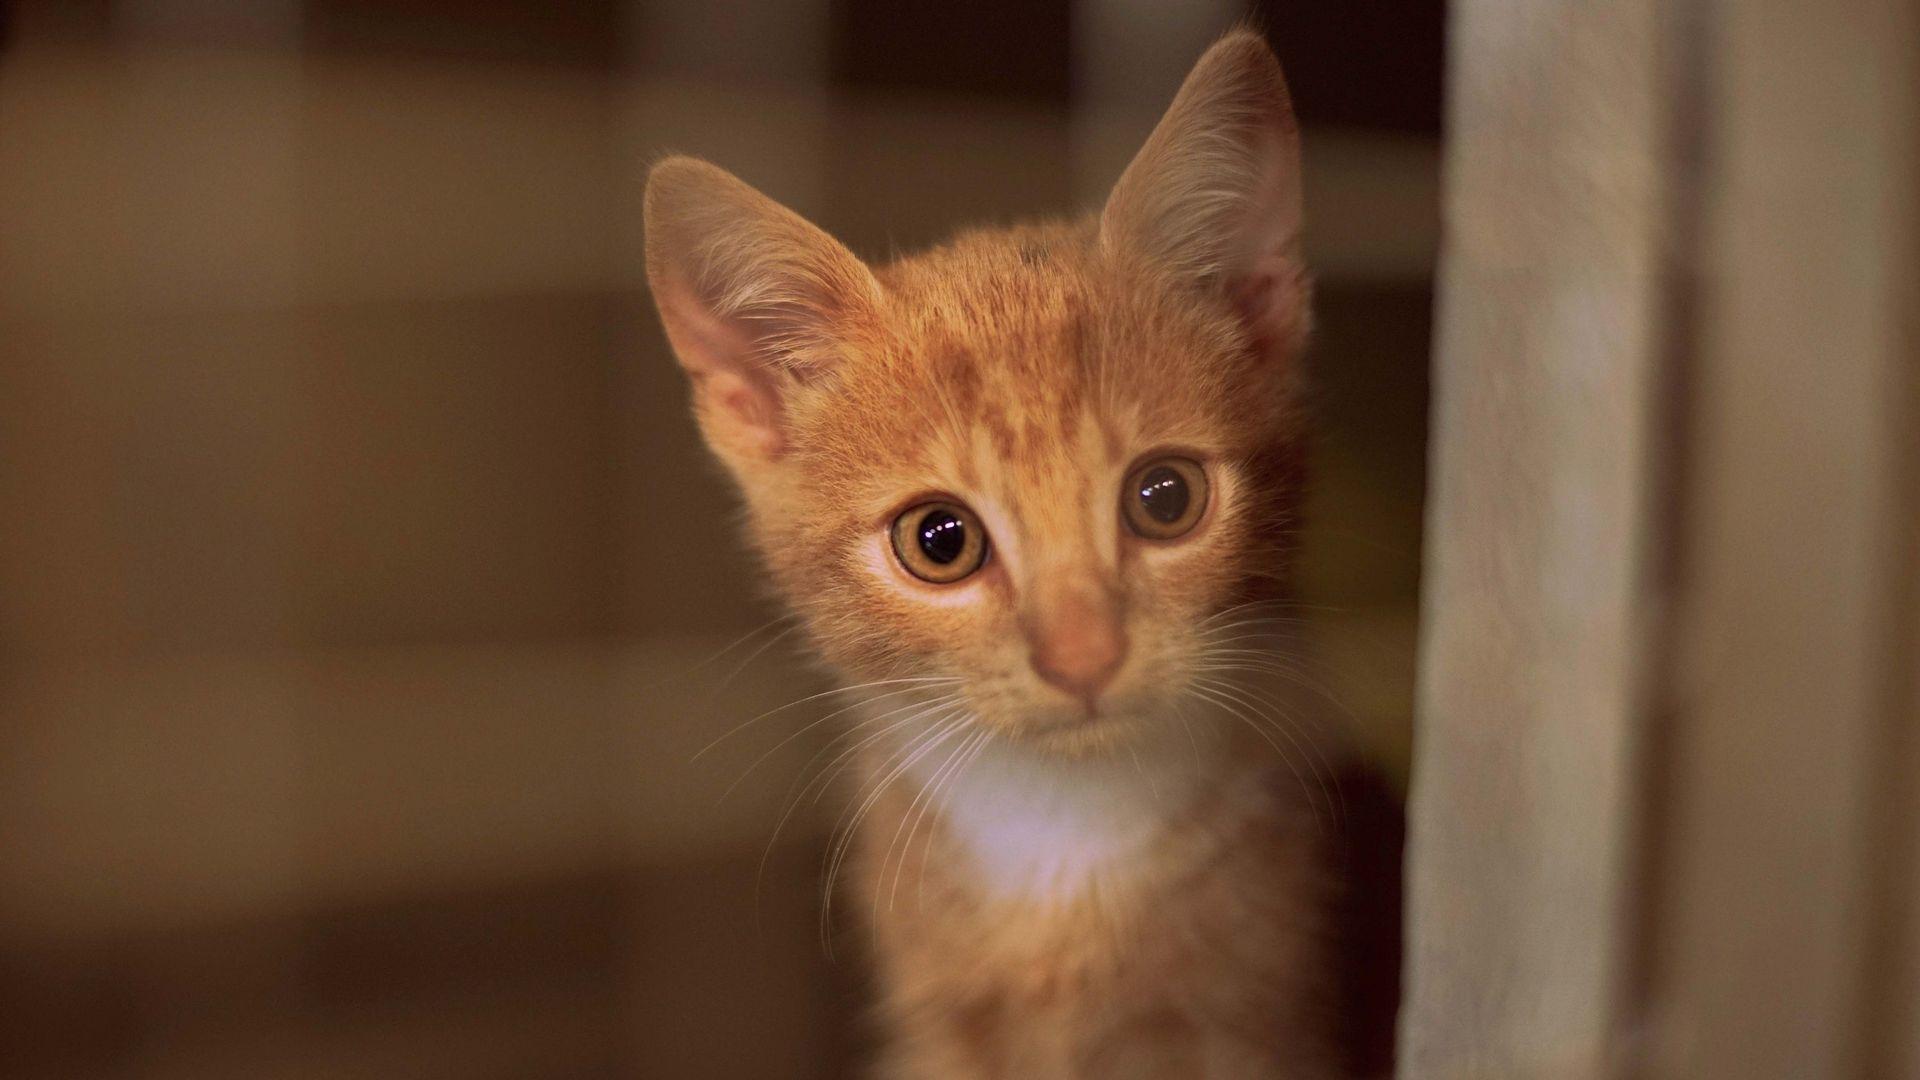 chat arabe sans inscription)